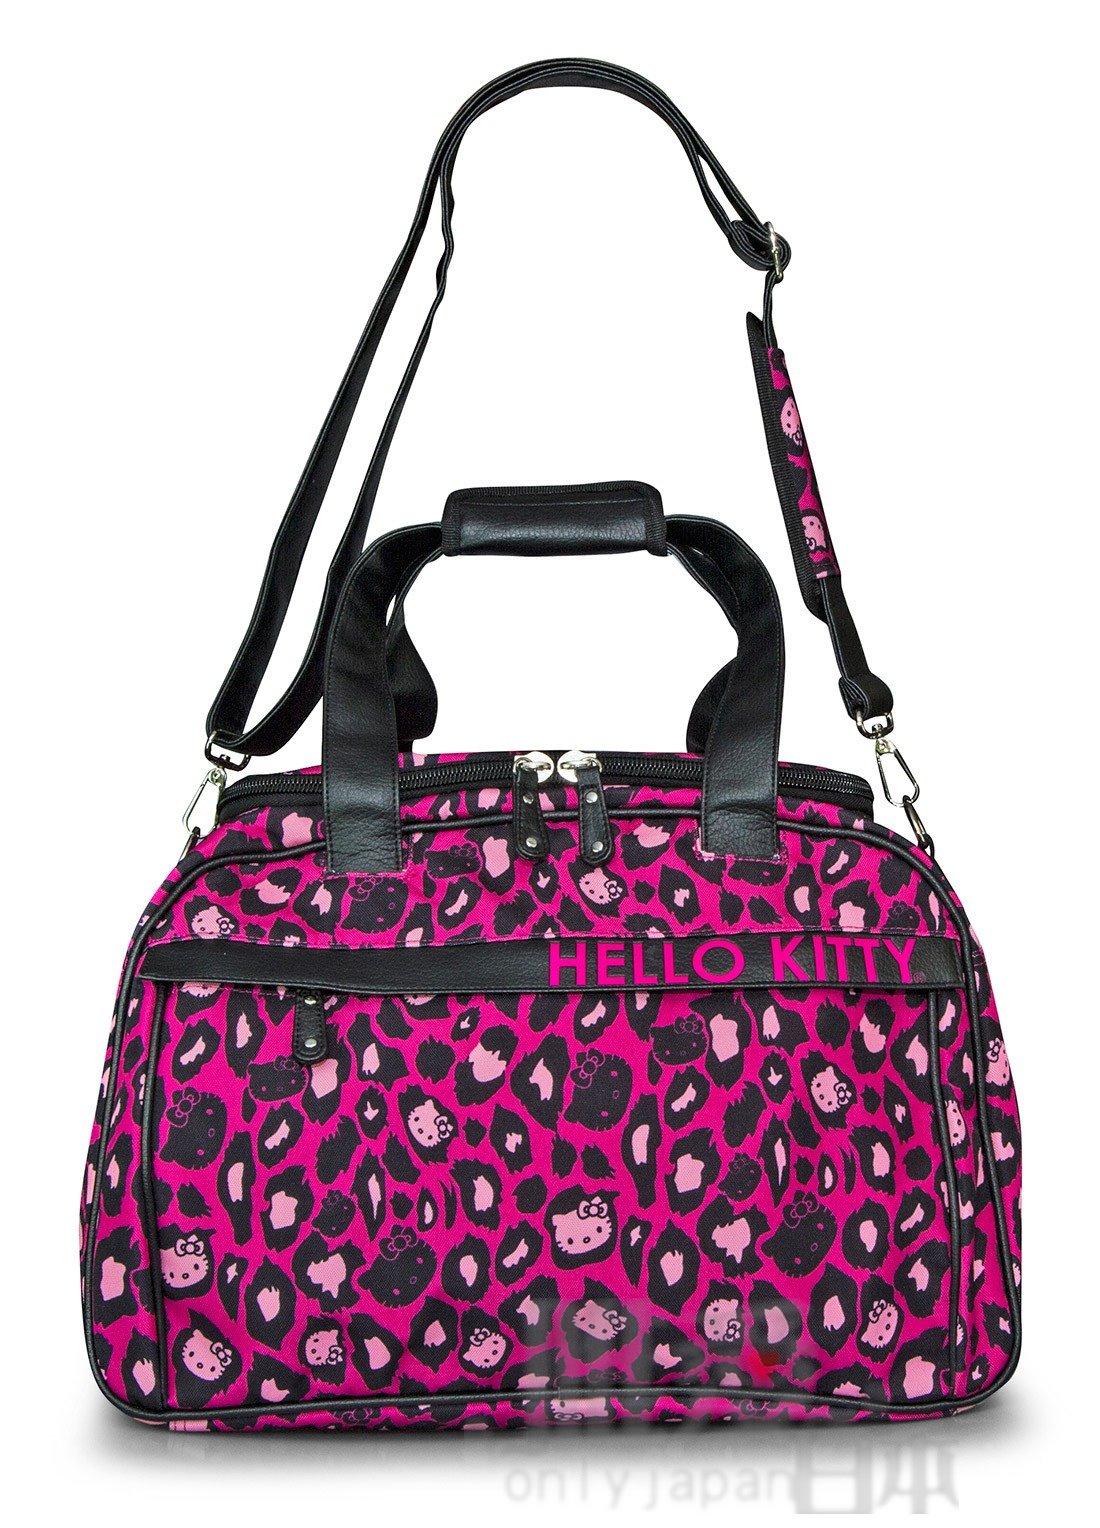 【唯愛日本】 14052000020 LF聯名旅行袋-豹紋桃黑 Kitty 凱蒂貓 loungefly聯名 行李包 登機包 正品